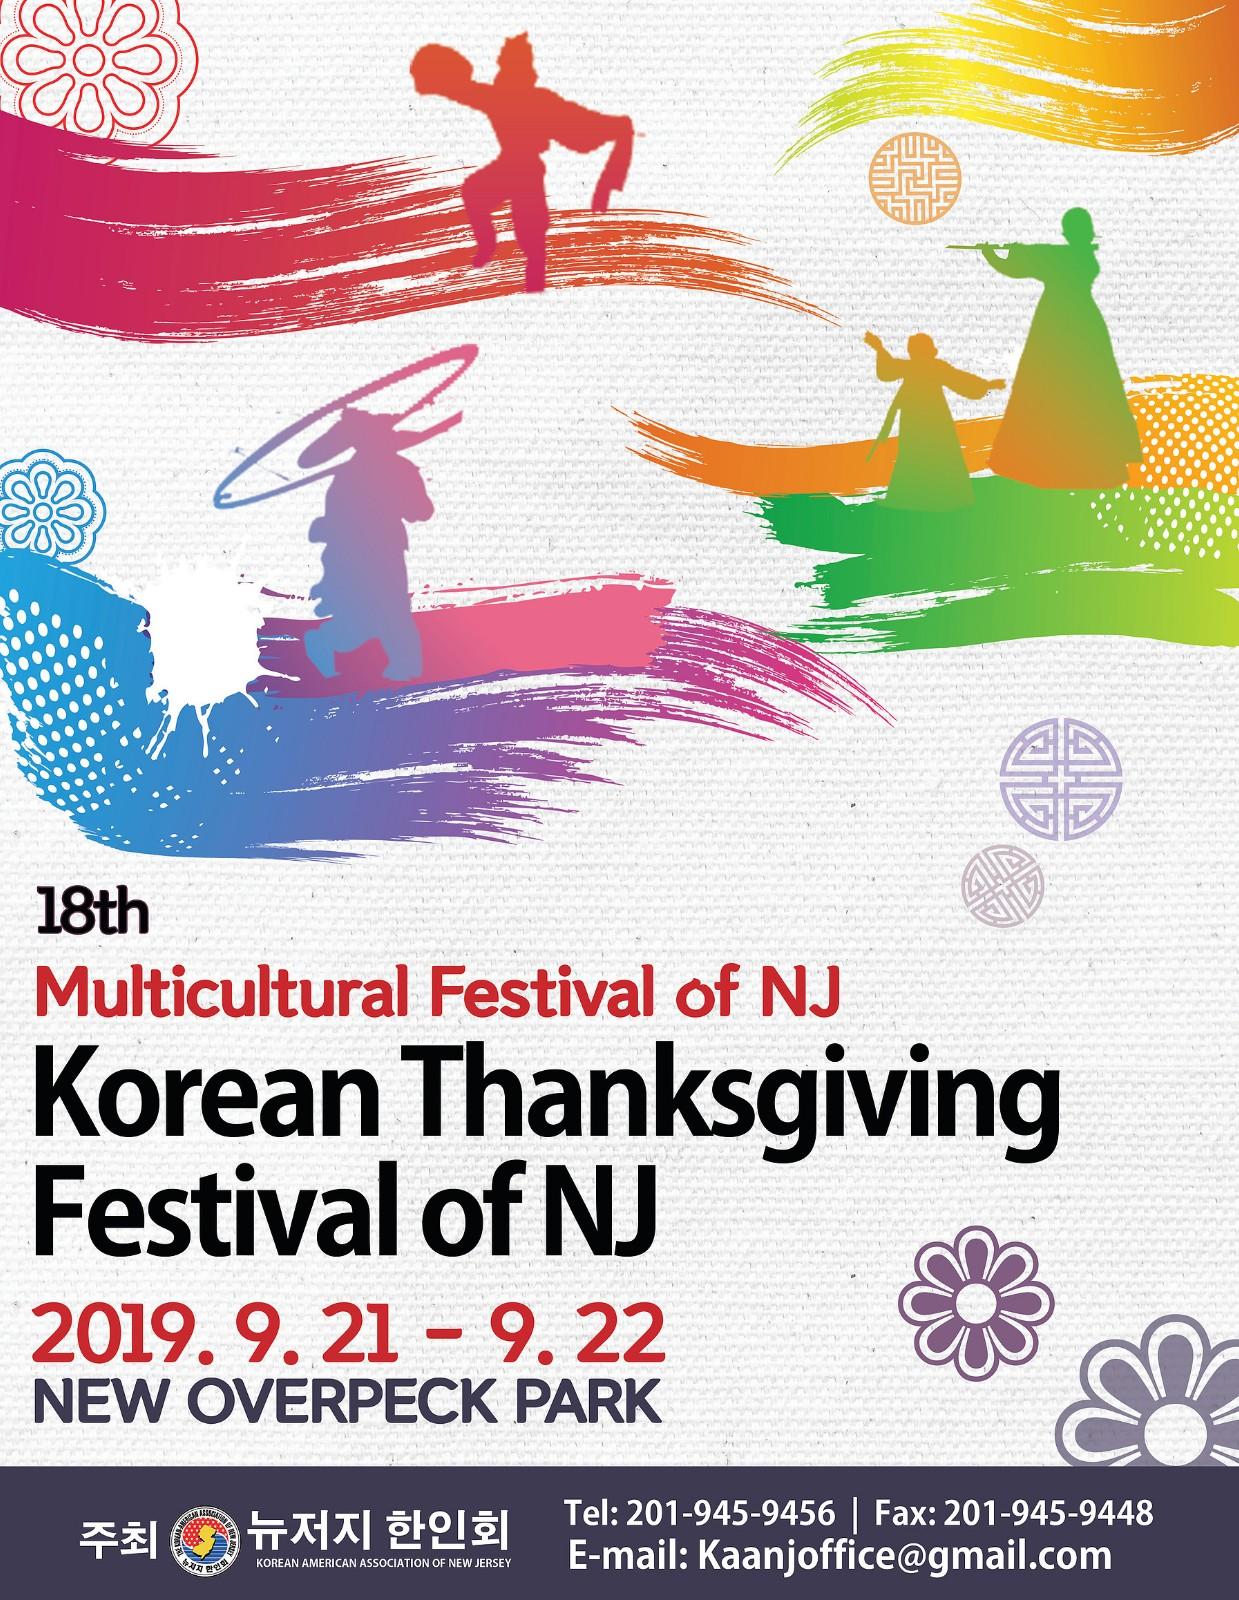 2019年第十八届韩国盛大感恩节庆典九月拉开序幕_图1-1